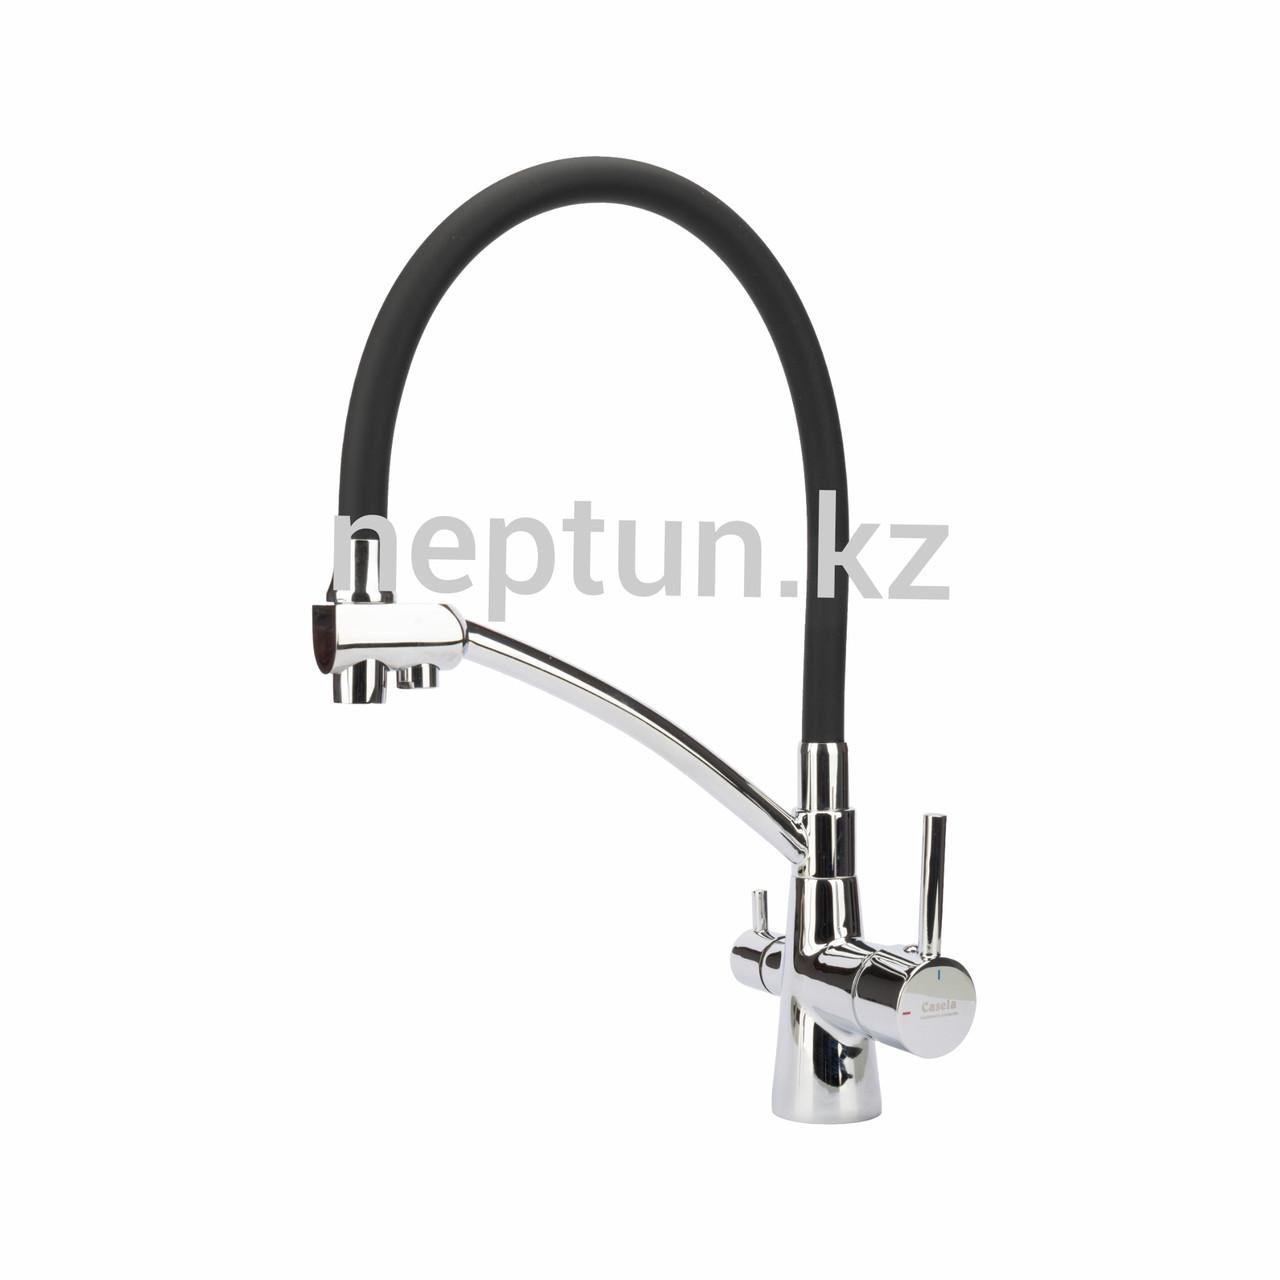 Смеситель для кухни фильтр + вода с гибким изливом Casela 54855-2